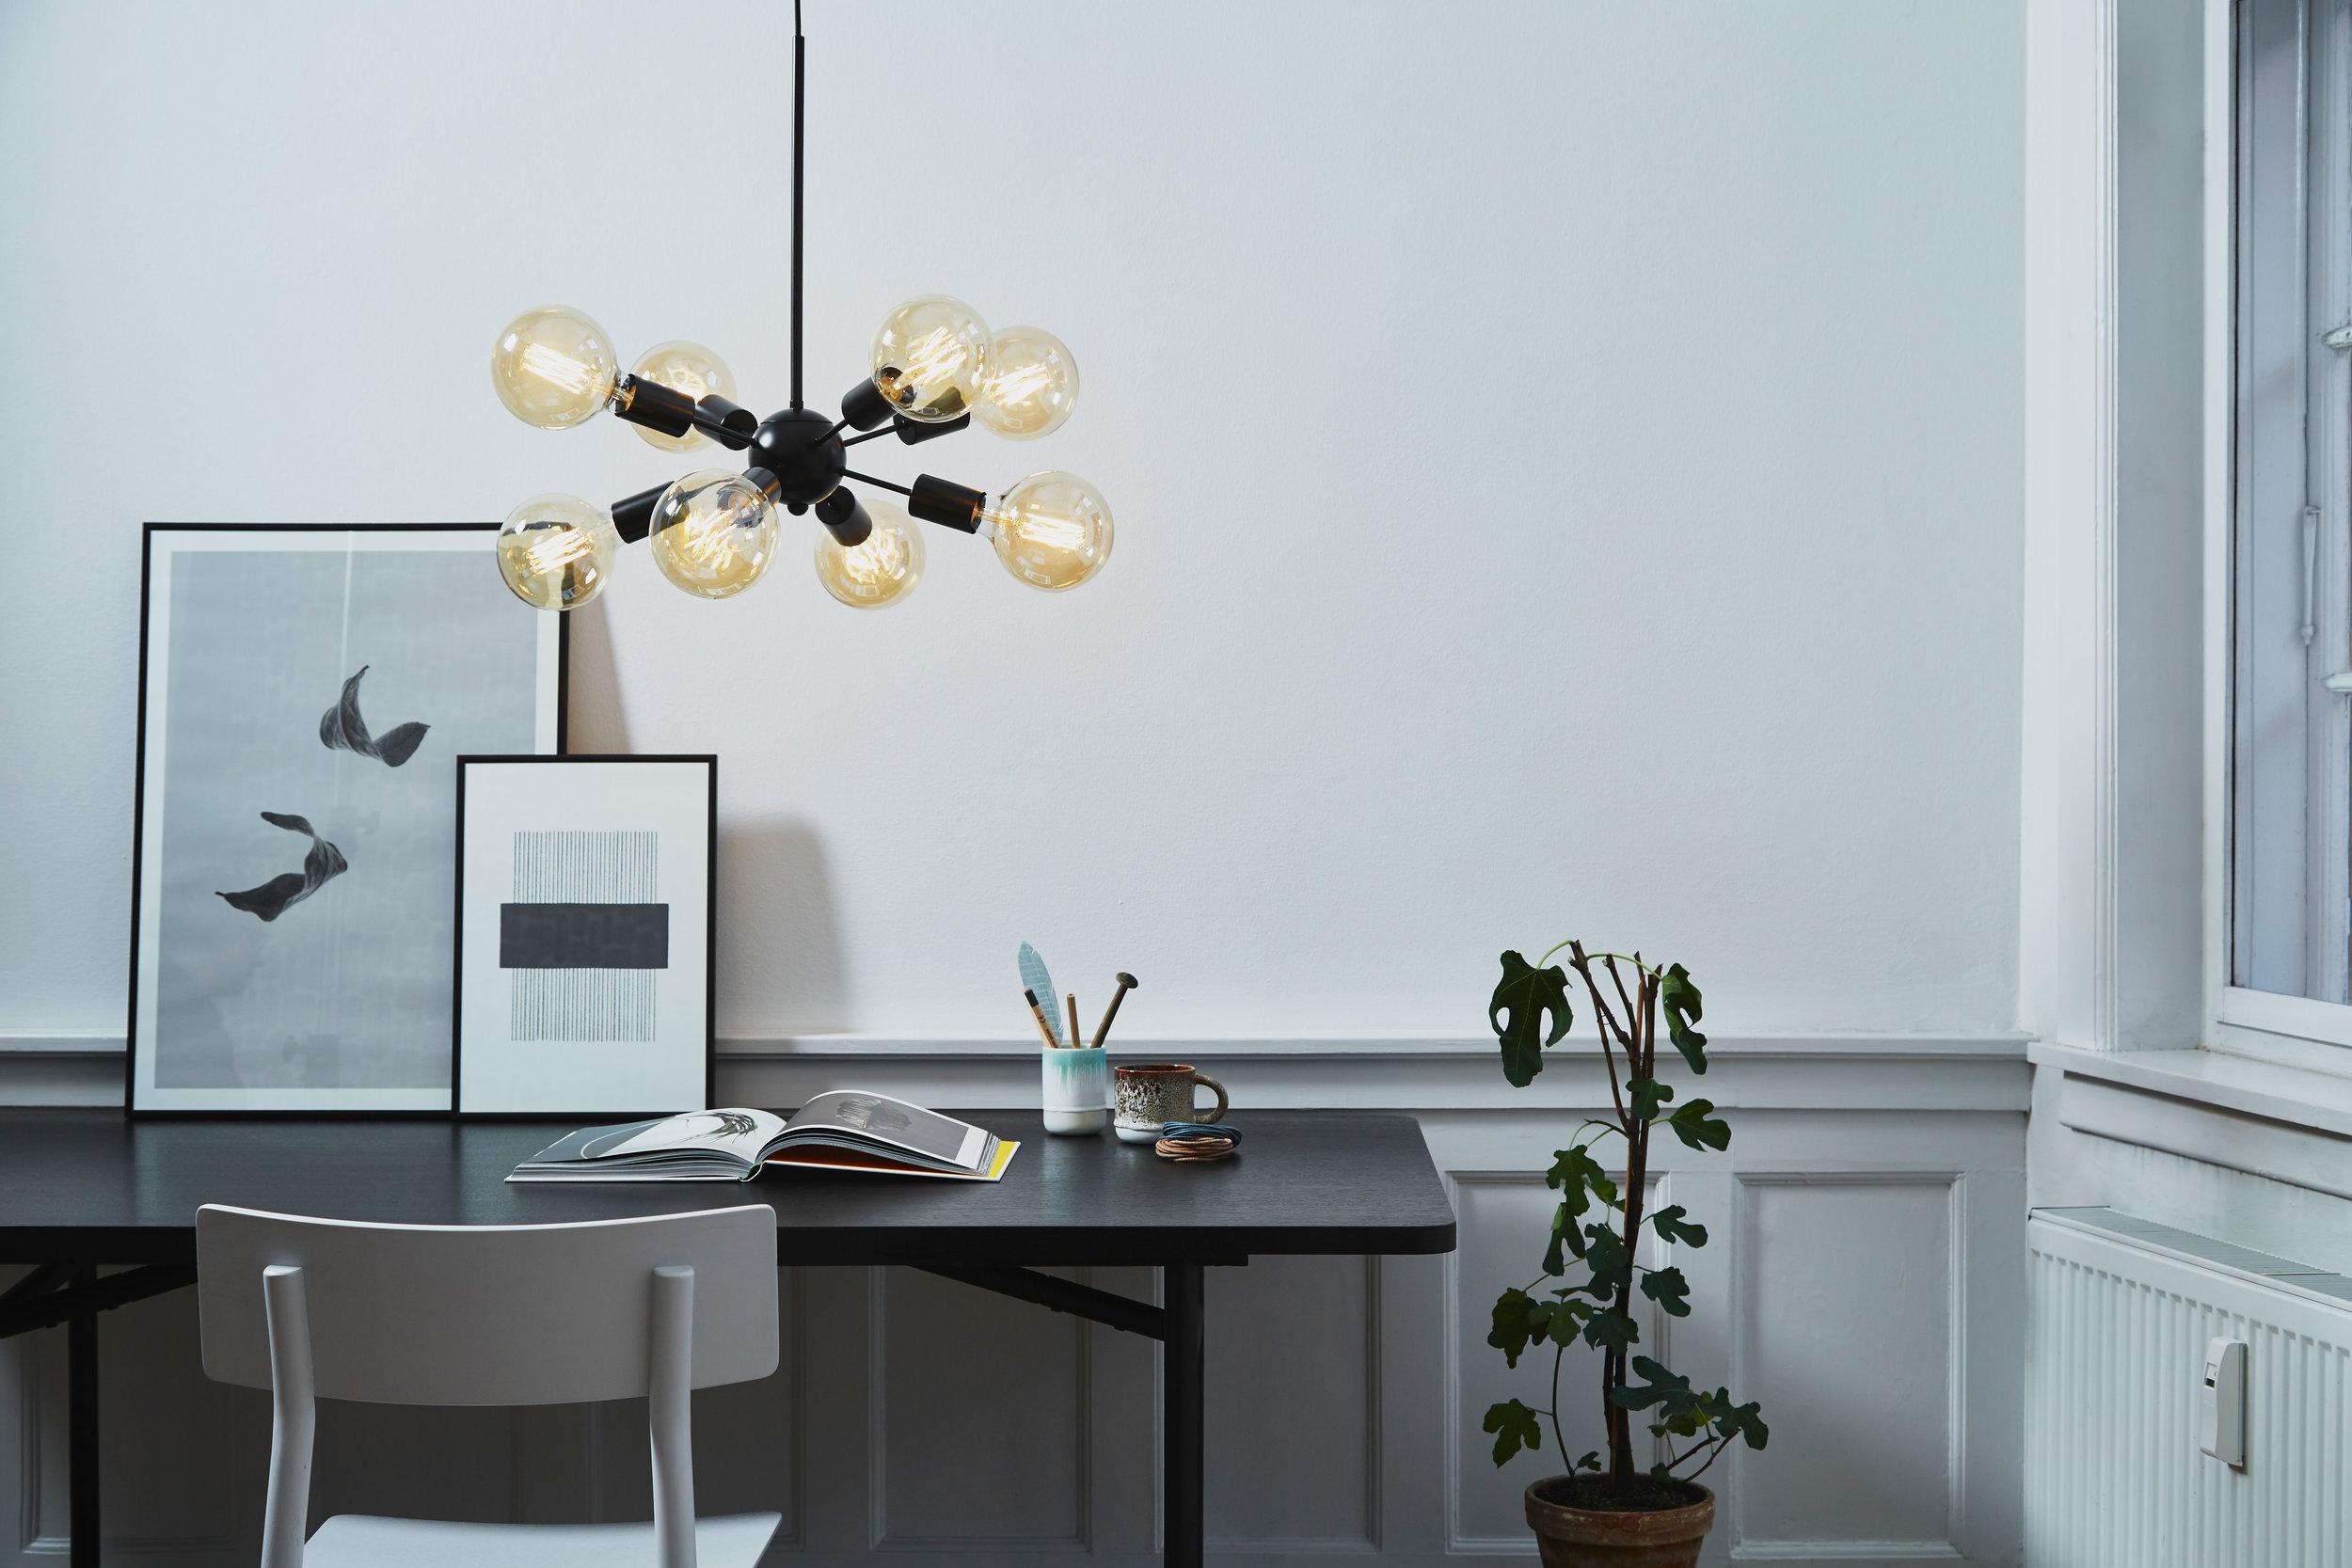 Chandelier with 8 arms. Dimensions: ø38 cm | H48 cm | Arm: L15 cm Variants: Copper | Black Designer: Frandsen Design Studio    MORE